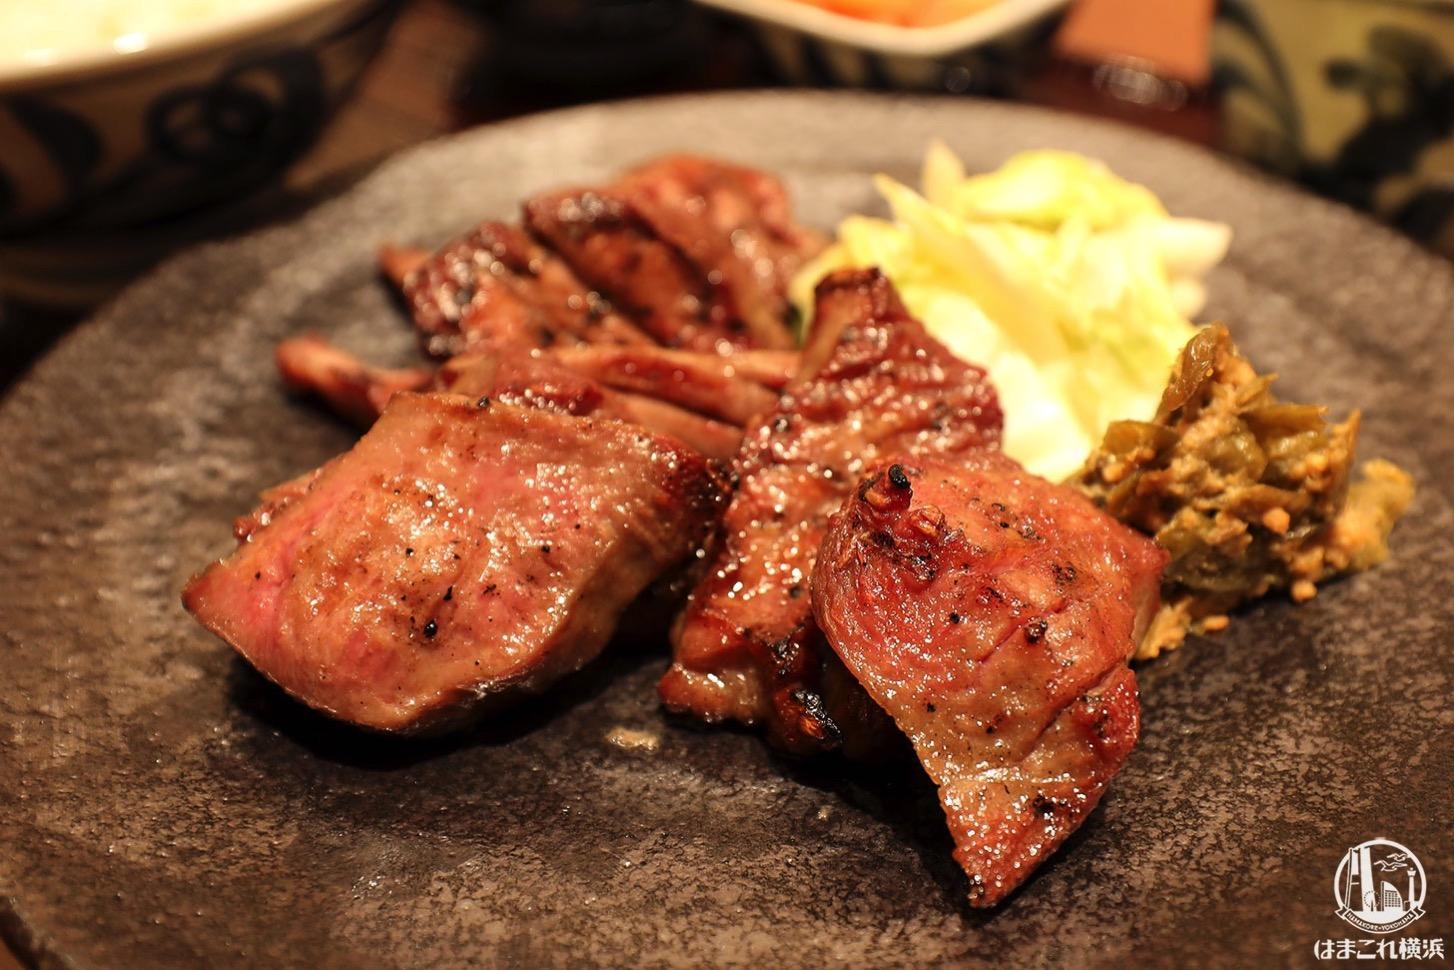 牛たんと和牛焼き 青葉が横浜高島屋に!女性に嬉しいランチや店舗限定メニューも